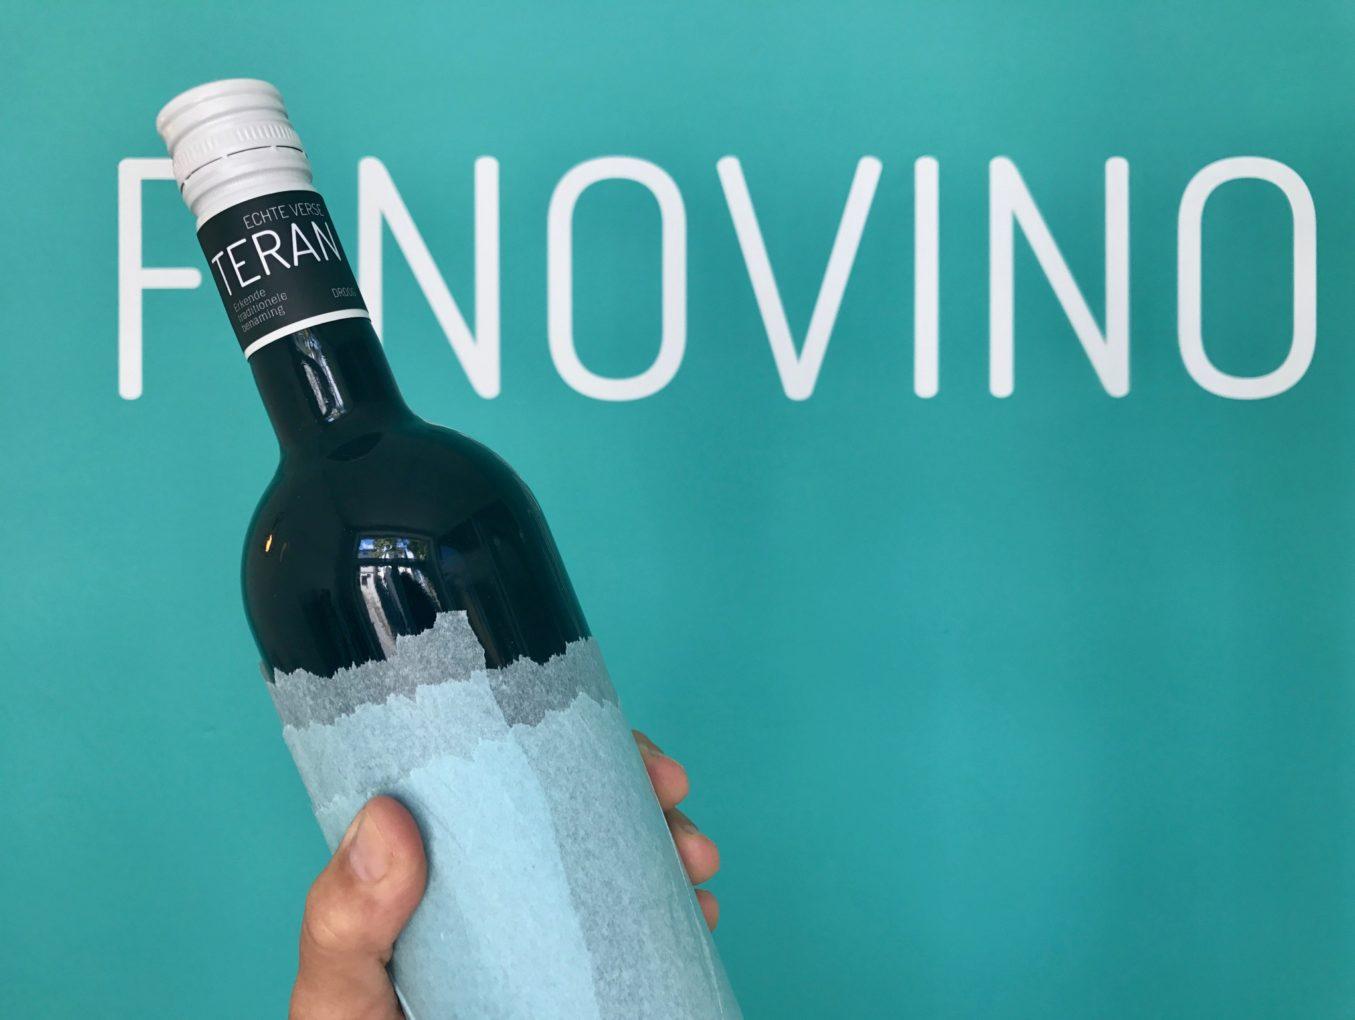 Kraški Teran 2017 in fles